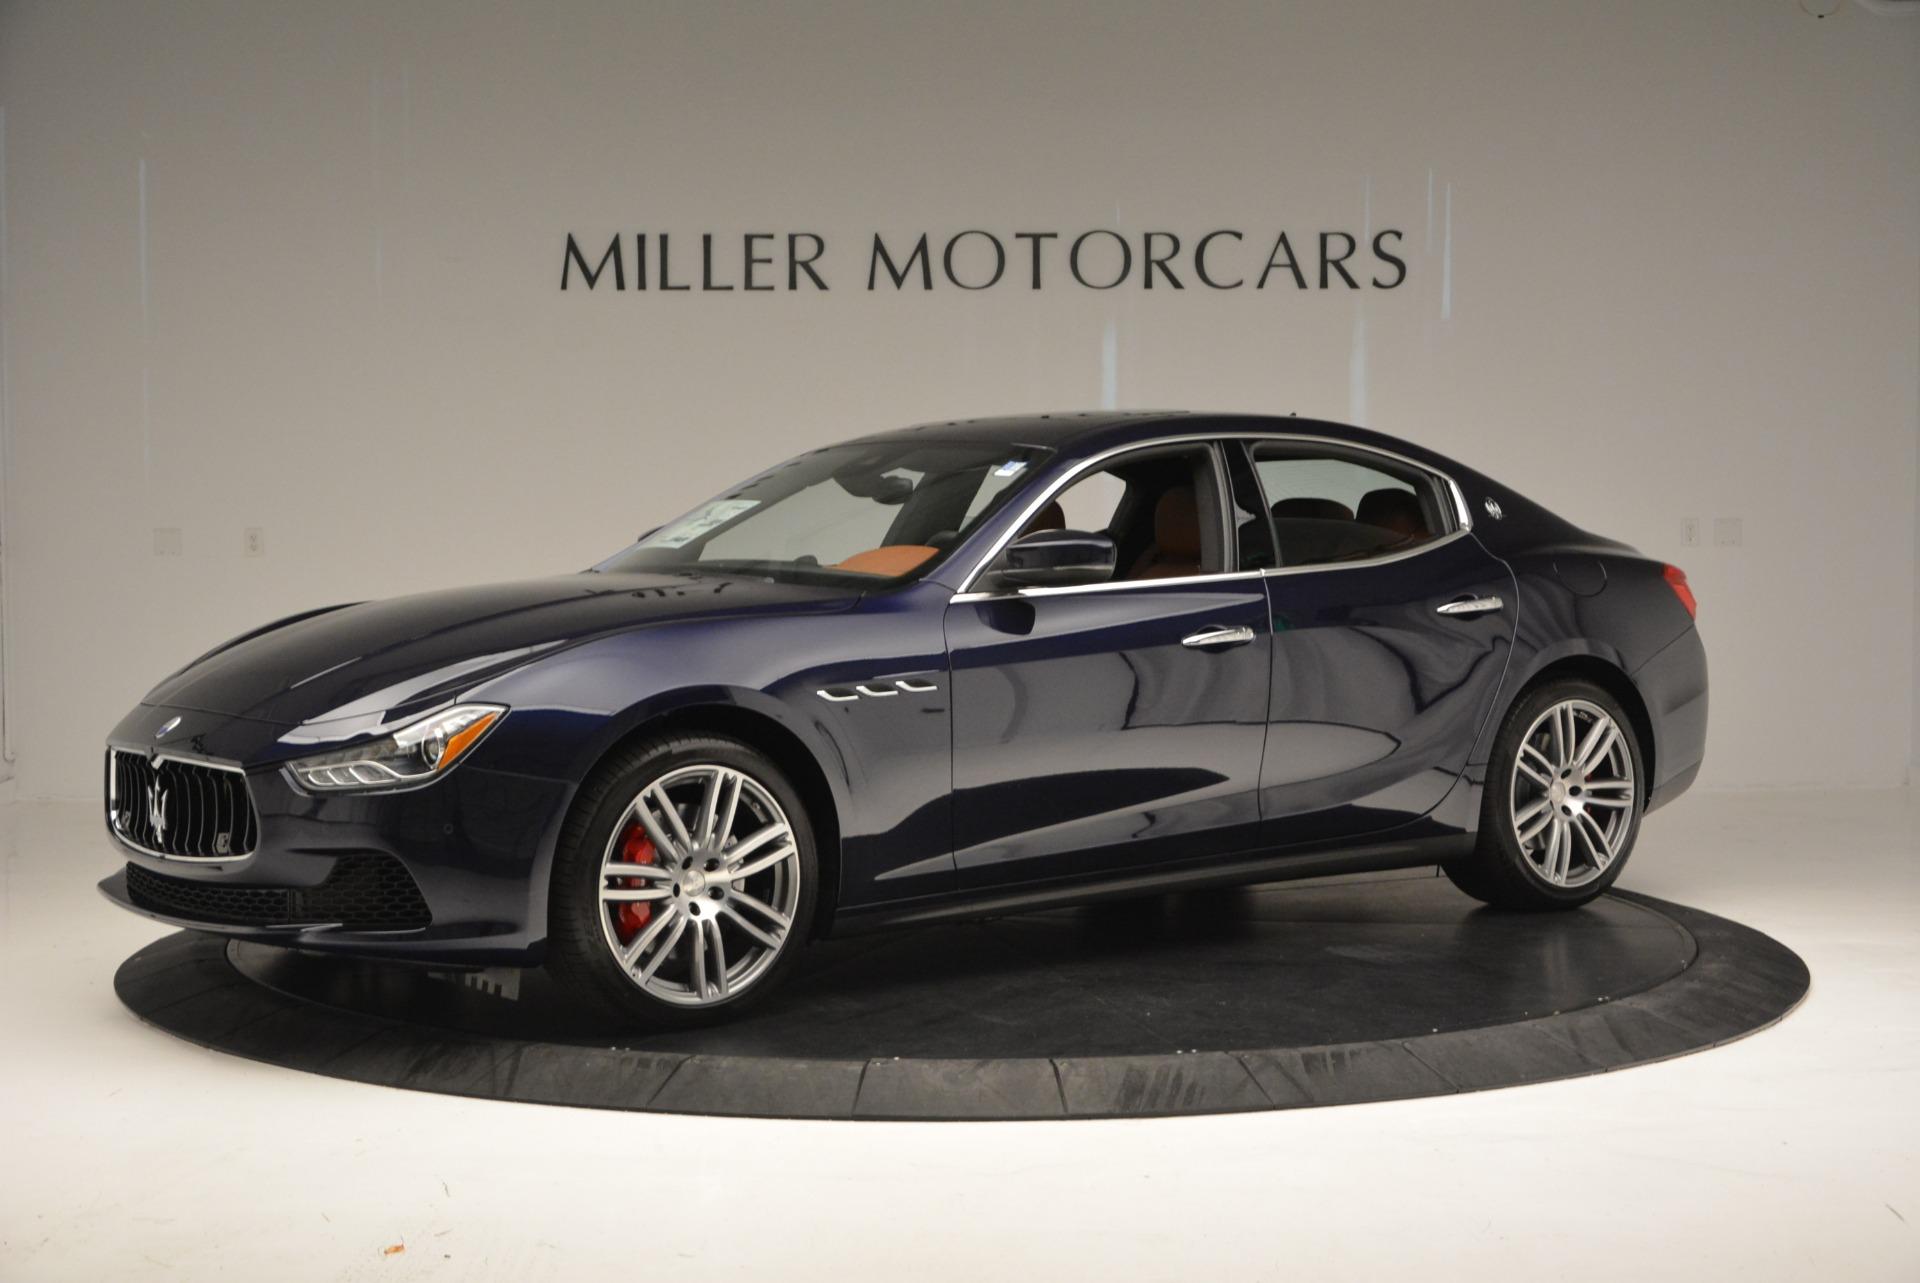 New 2019 Maserati Ghibli S Q4 For Sale In Greenwich, CT 2606_p2